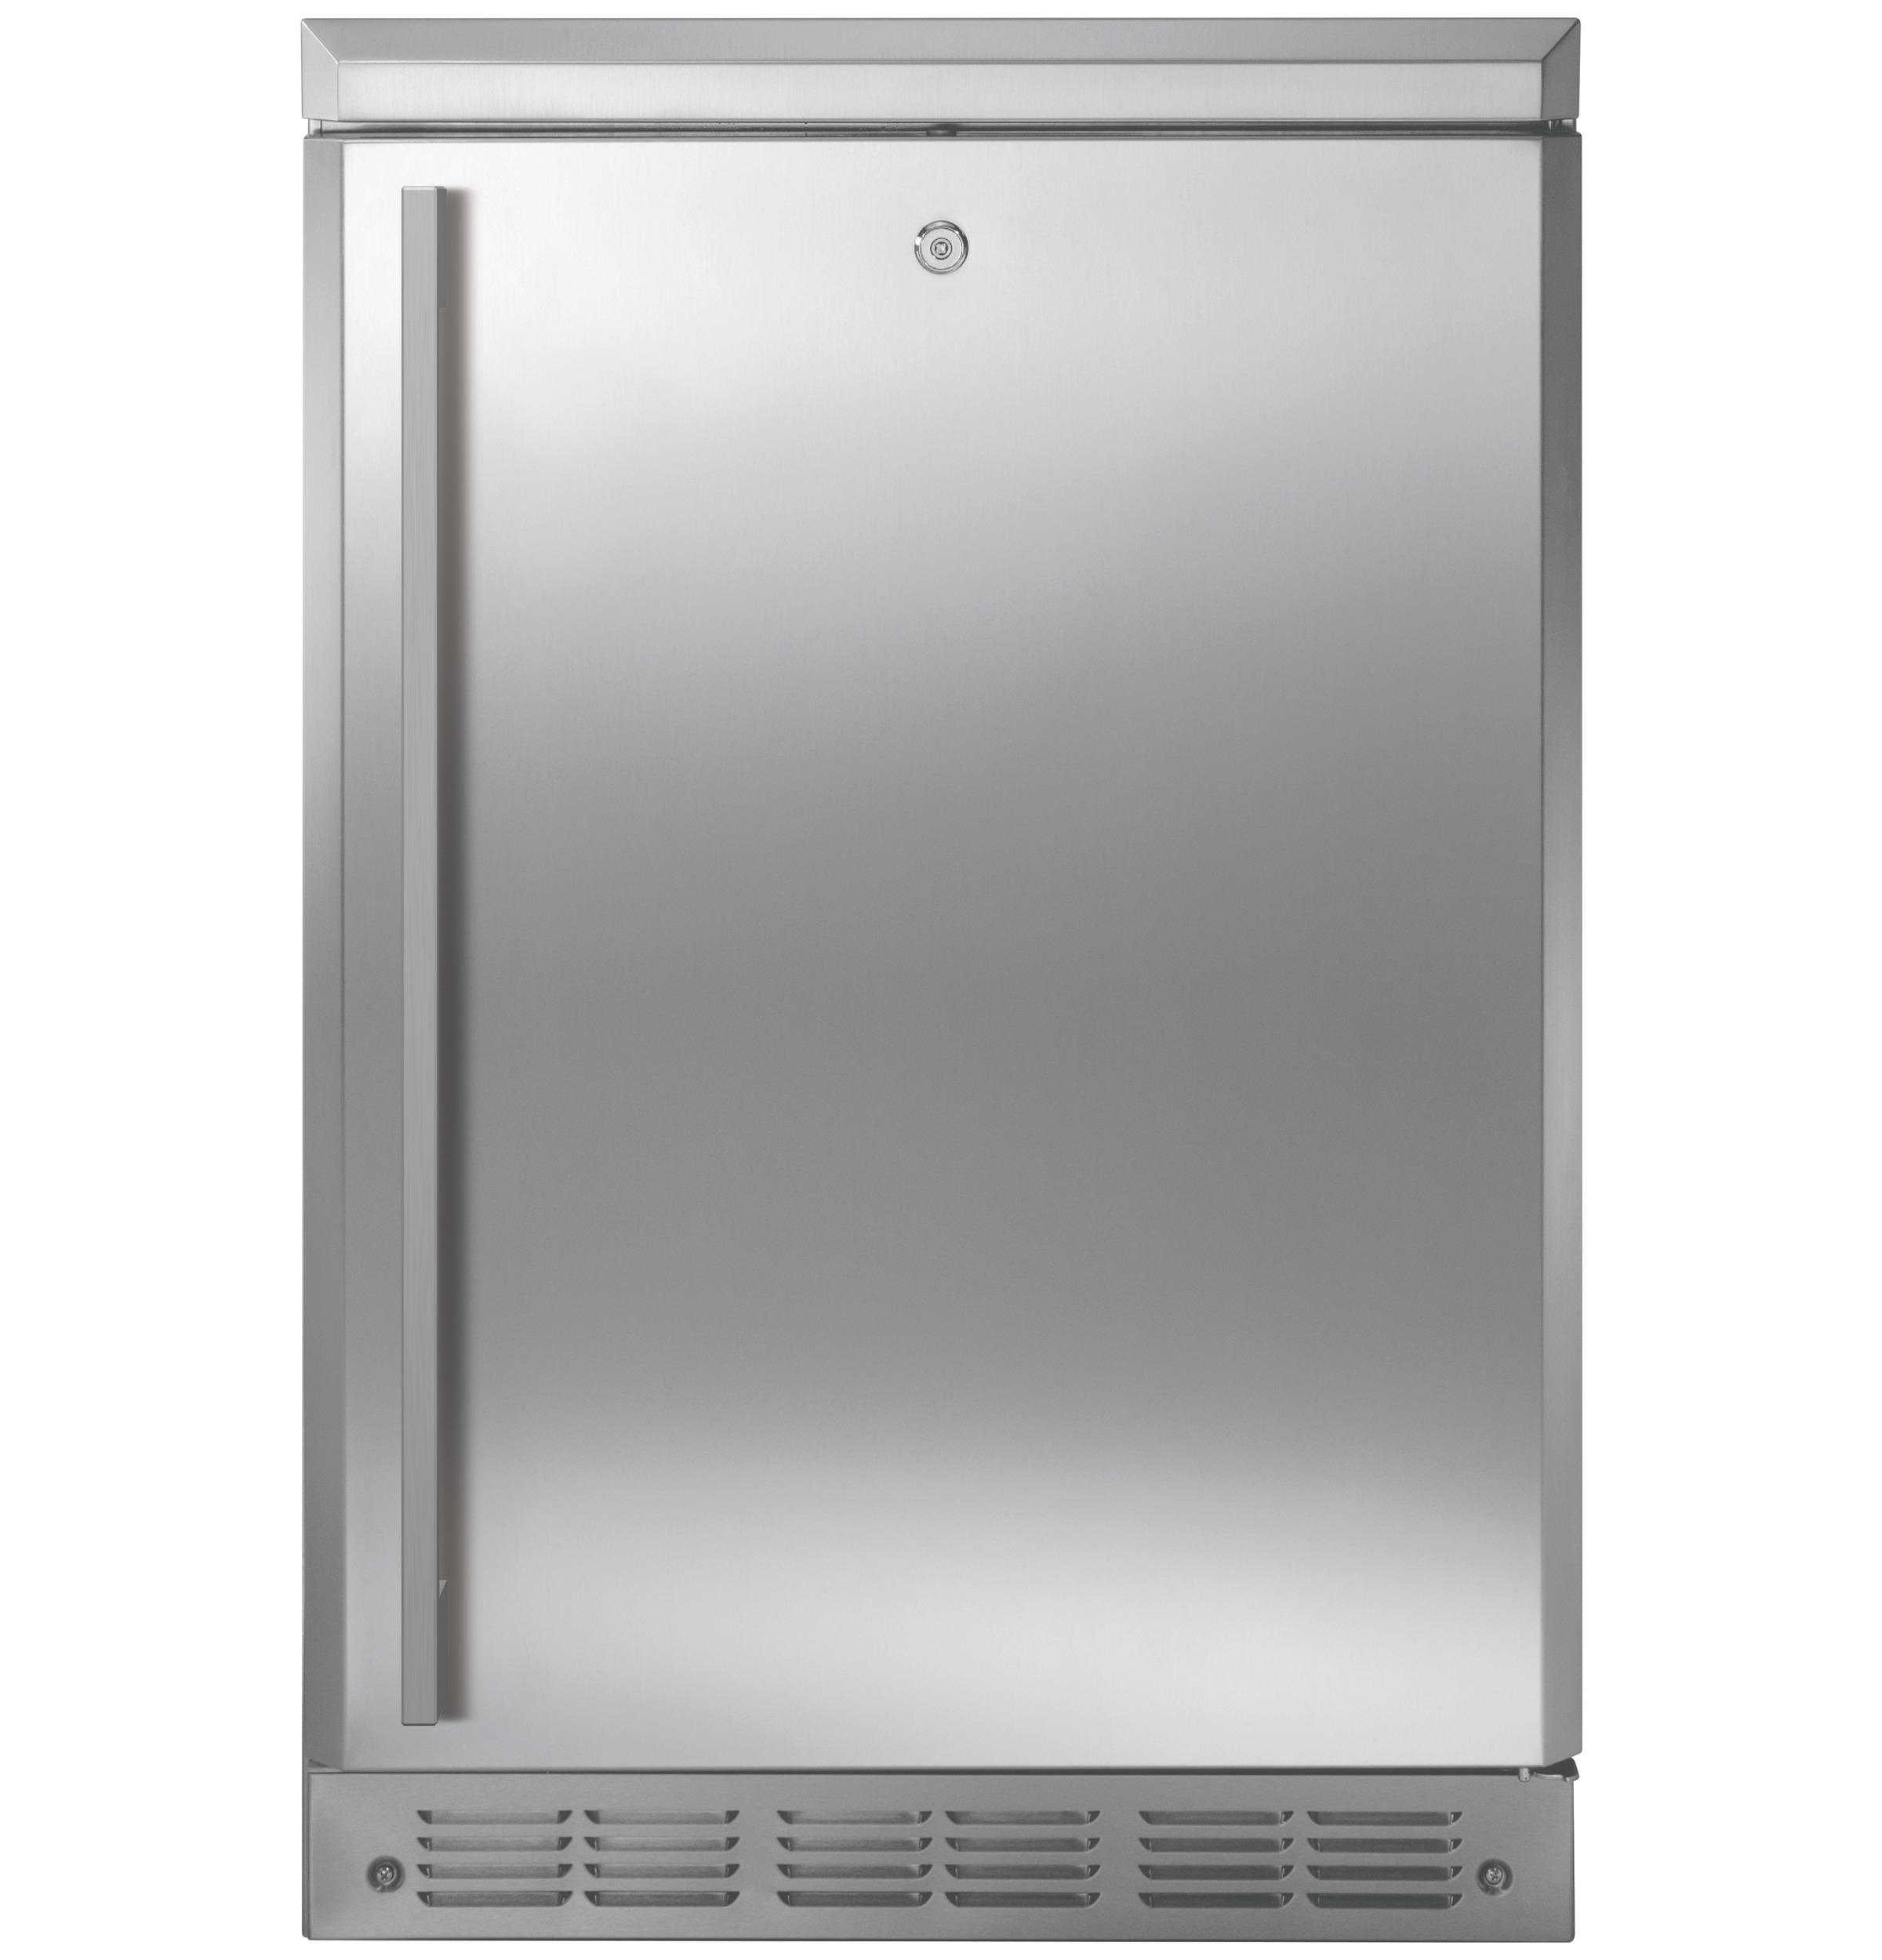 Monogram Monogram Outdoor/Indoor Refrigerator